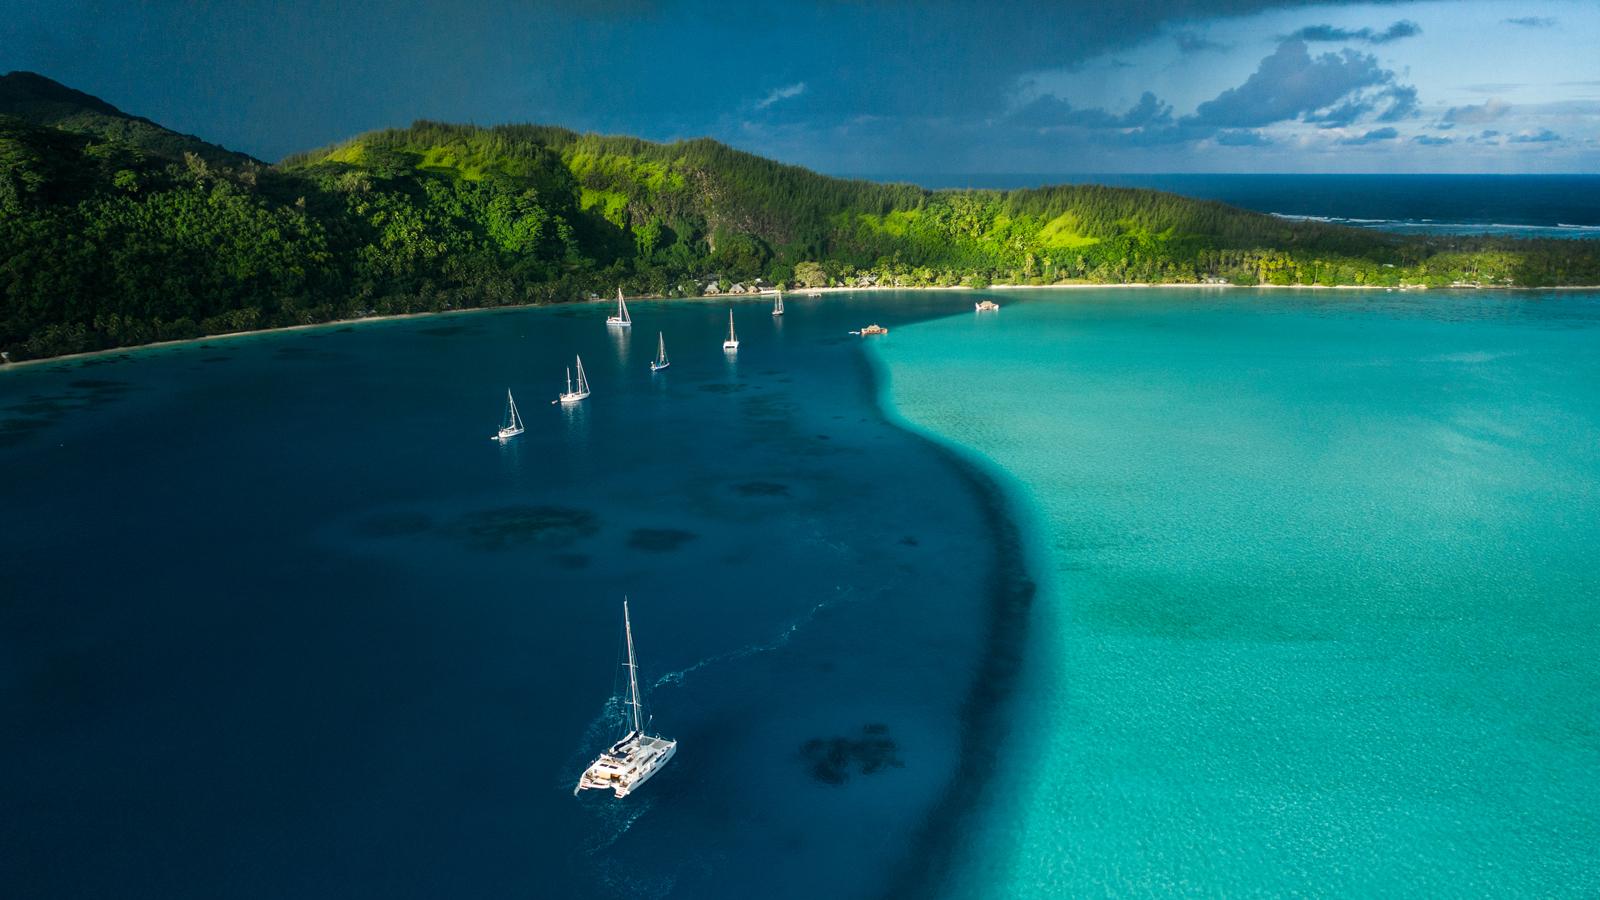 Französisch-Polynesien Segeltörn ein wahrgewordener Südsee-Traum Segelurlaub traveljunkies